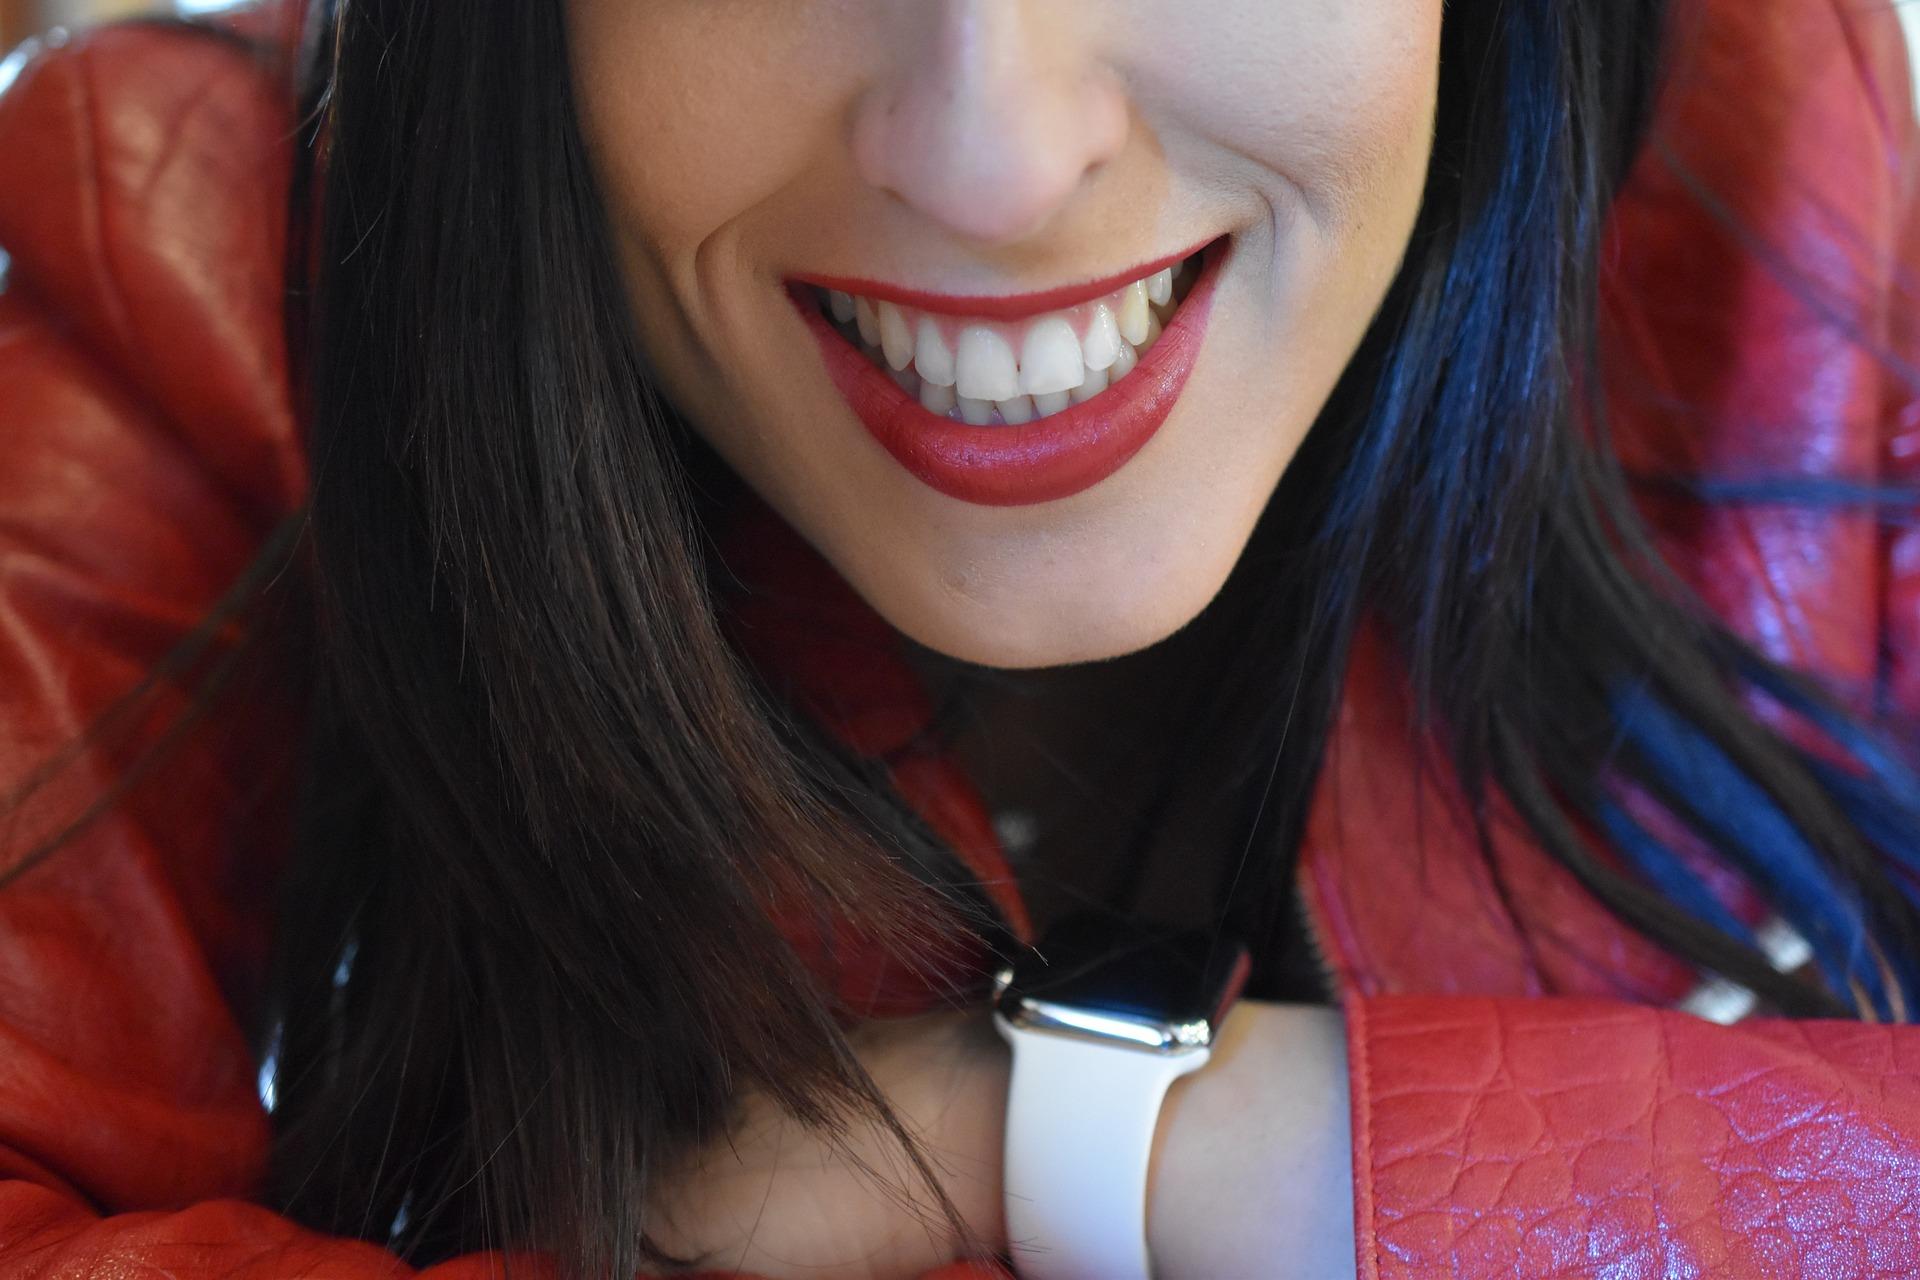 歯ぐきが下がった、歯ぐきが黒いとはおさらば。調和のとれたエマージェンスプロファイルの秘密